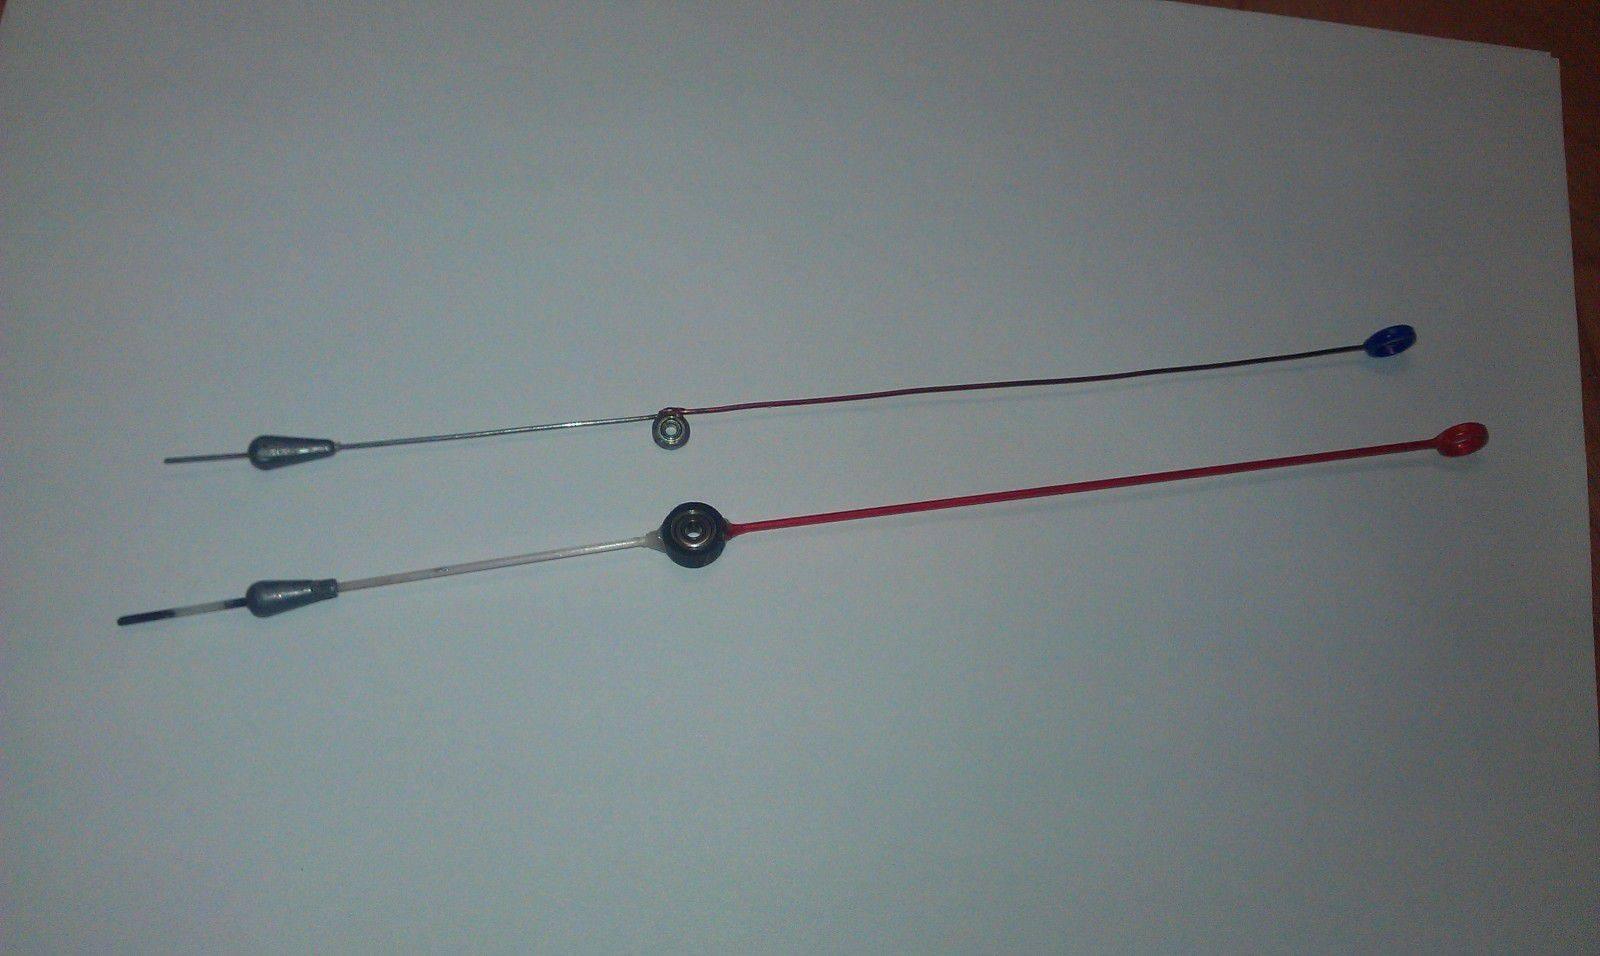 Кивок арбалет: изготовление своими руками для зимней рыбалки, правильная настройка игры